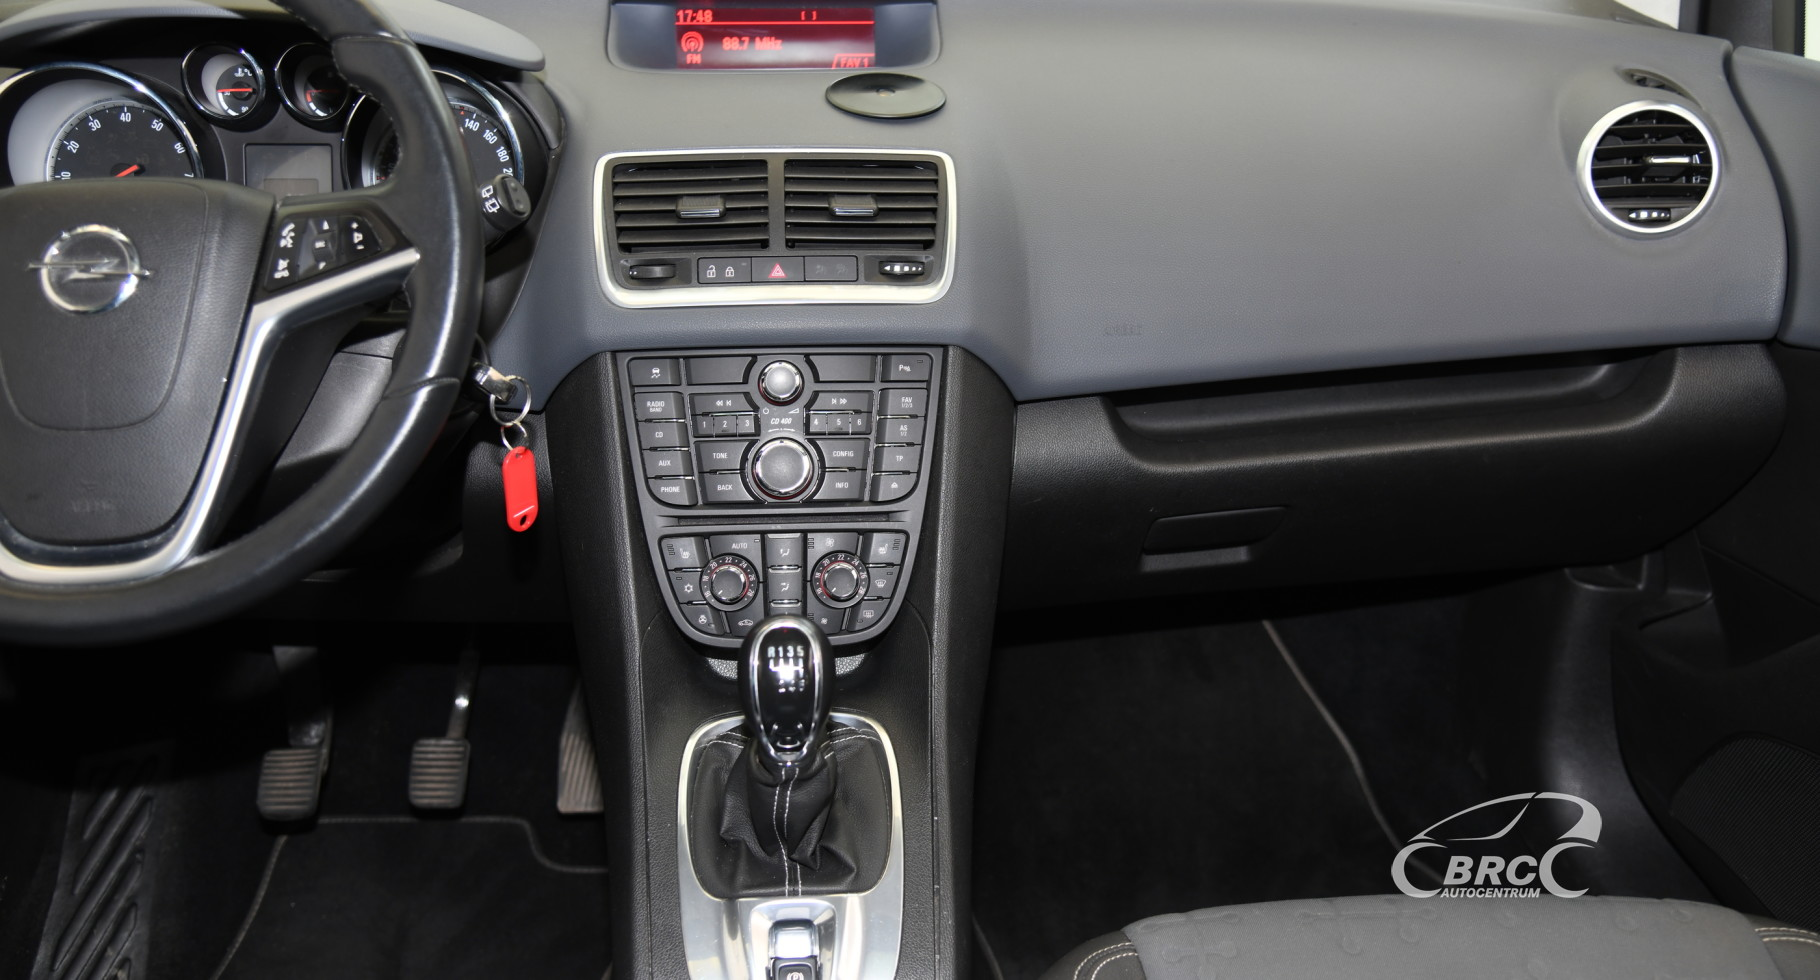 Opel Meriva 1.4 MFI Turbo